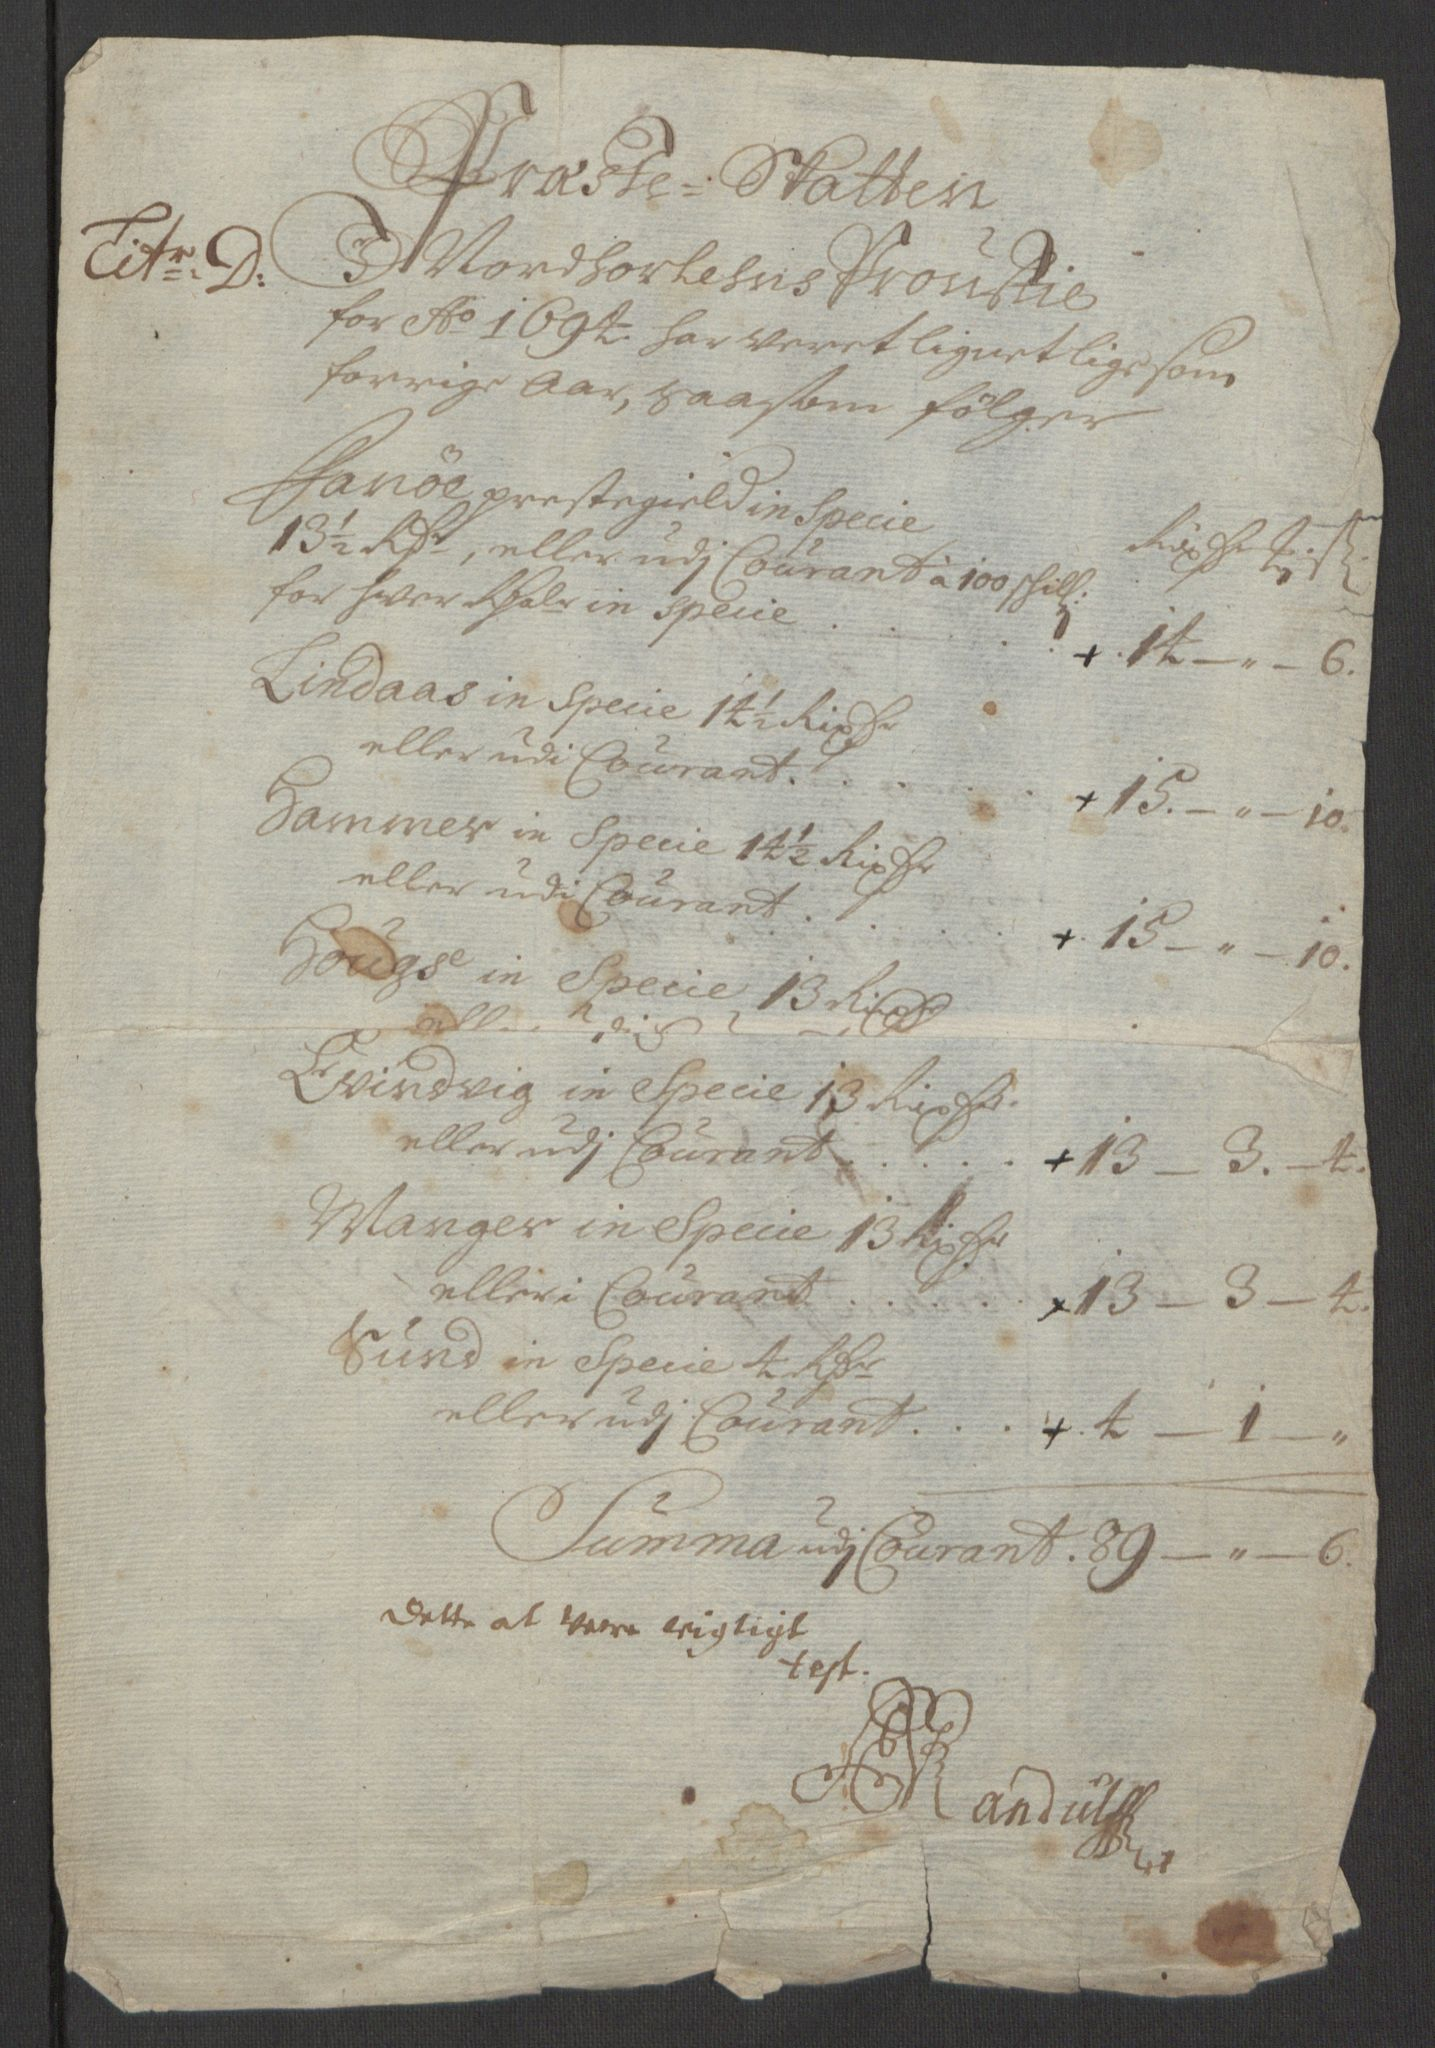 RA, Rentekammeret inntil 1814, Reviderte regnskaper, Fogderegnskap, R51/L3182: Fogderegnskap Nordhordland og Voss, 1694, s. 299